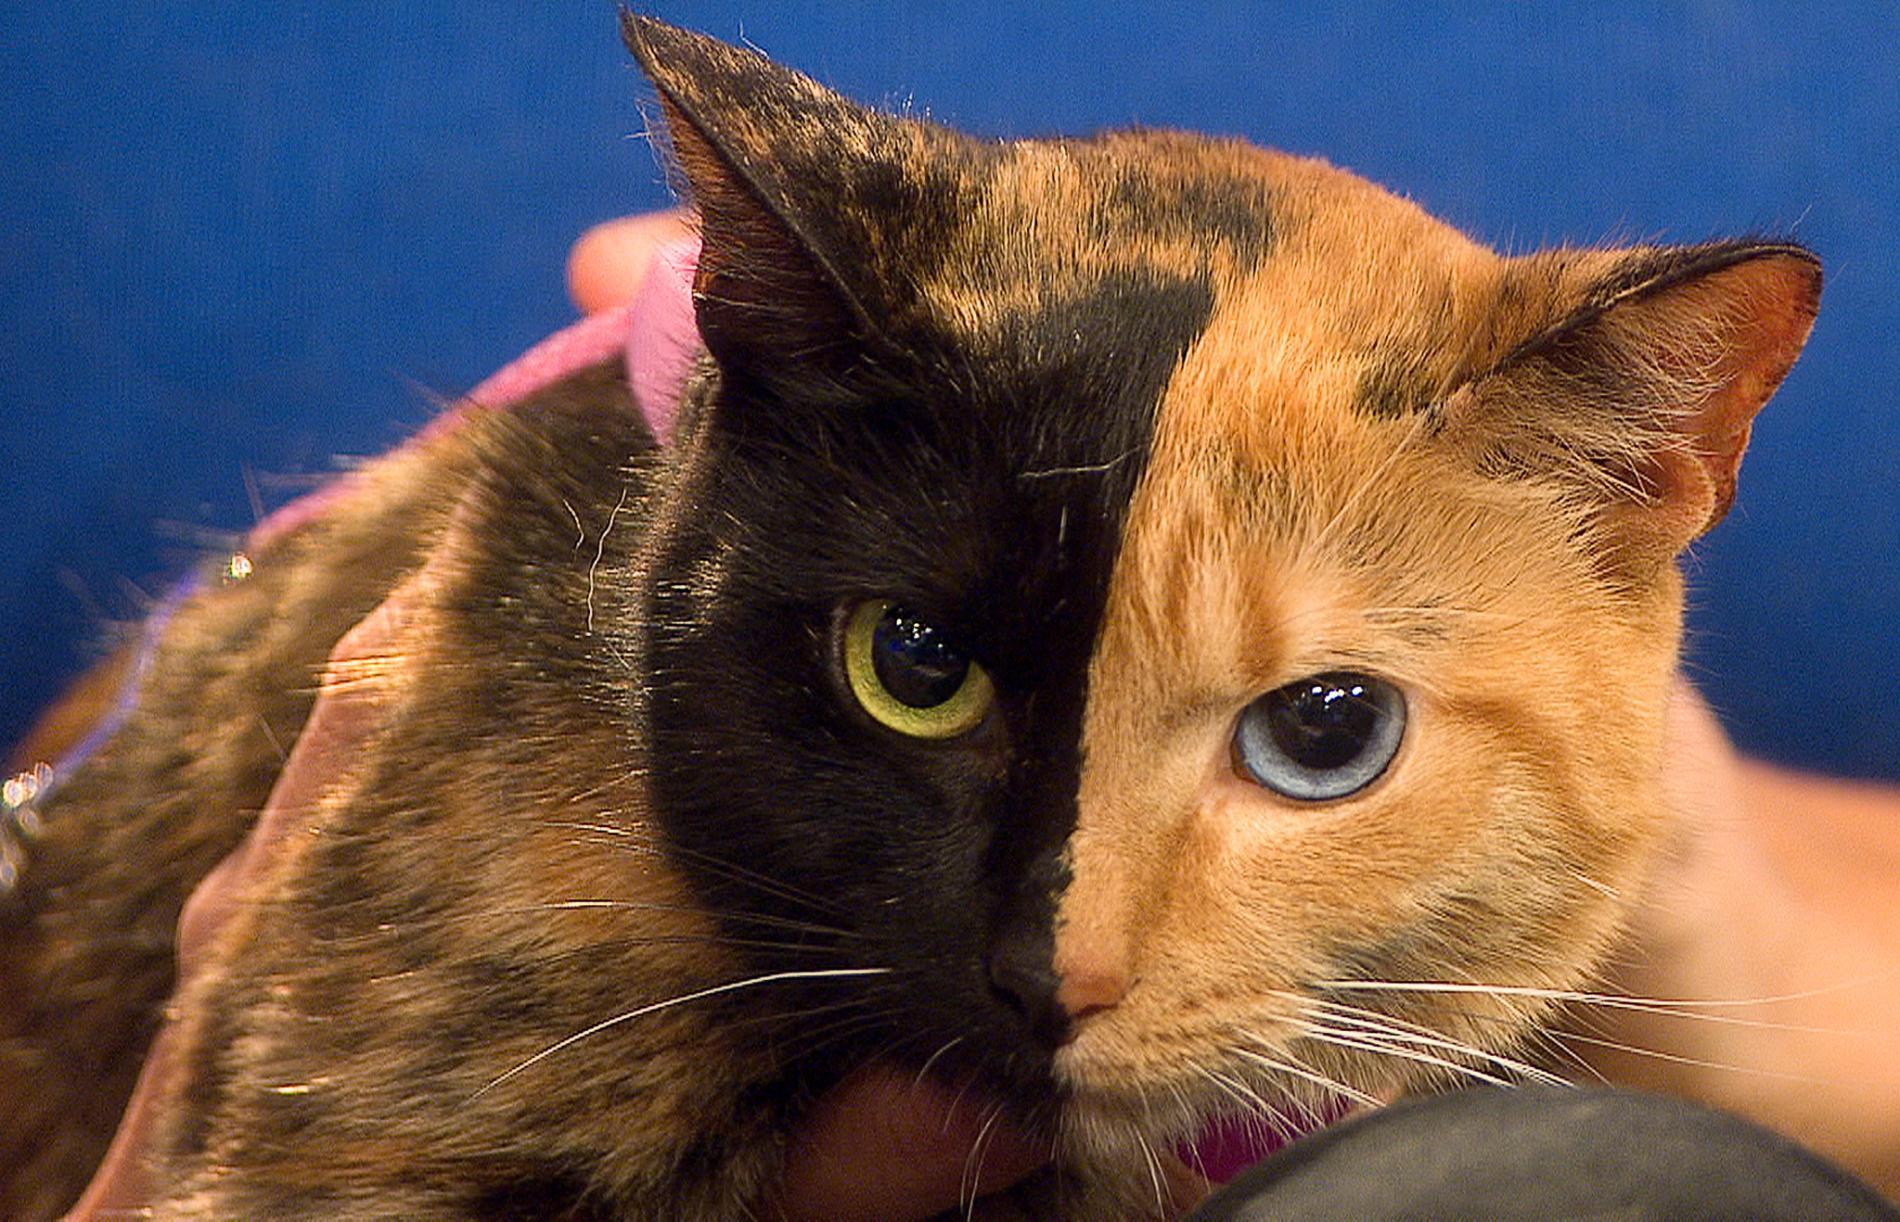 Vênus é umd os aniamsi fantásticos famosos na internet pela sua face de duas cores.